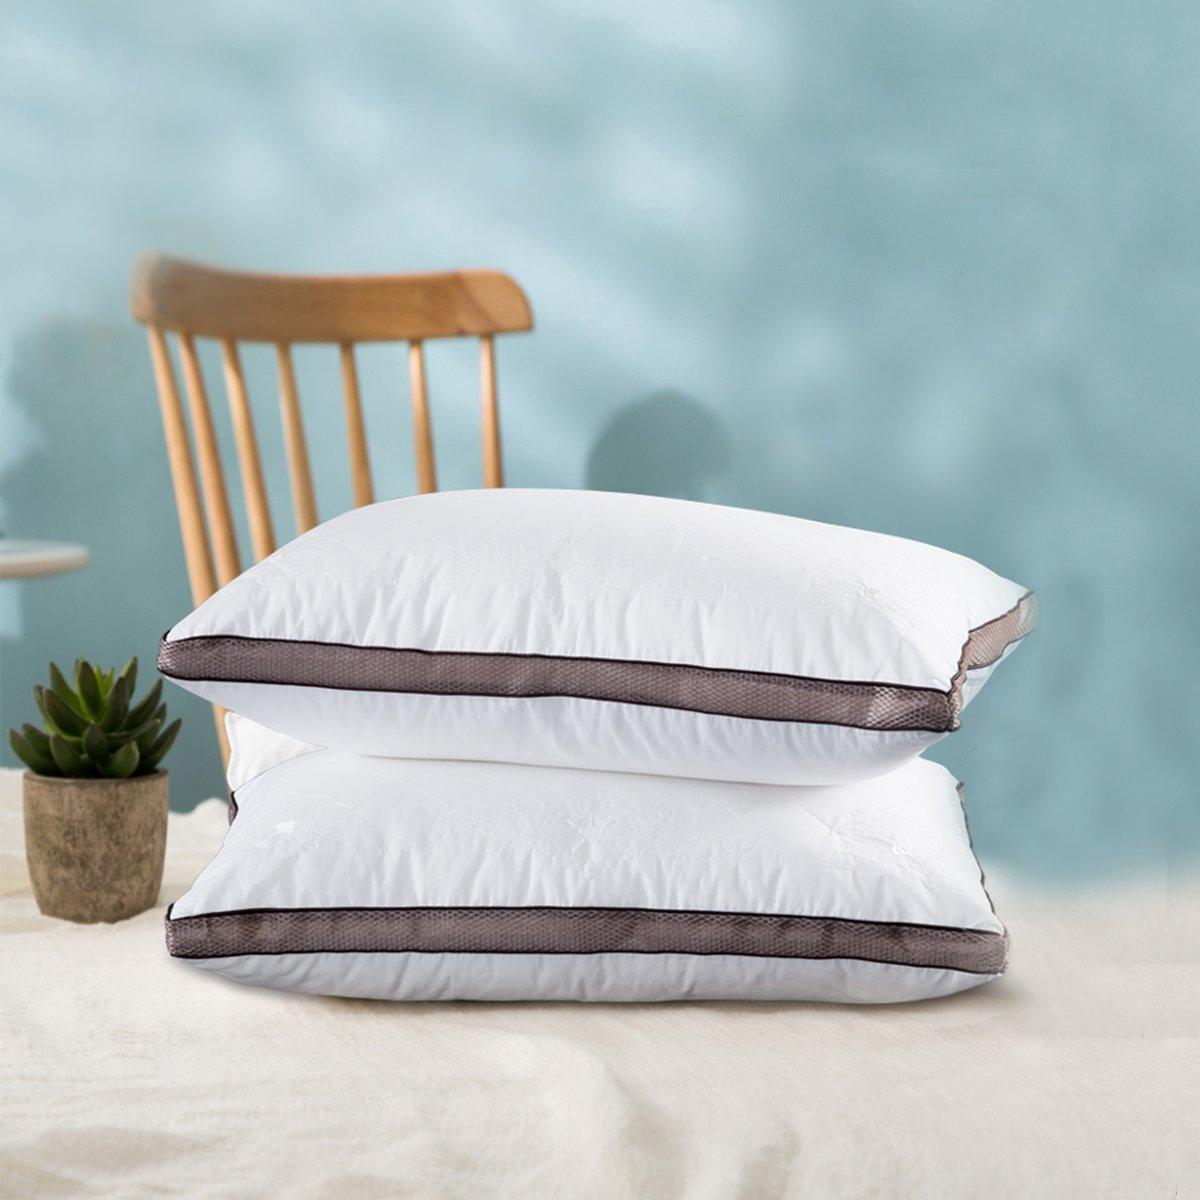 Ramada全棉绣花护颈枕芯一对拍2颈椎枕头芯纯棉枕头芯枕芯枕头COLOR白色